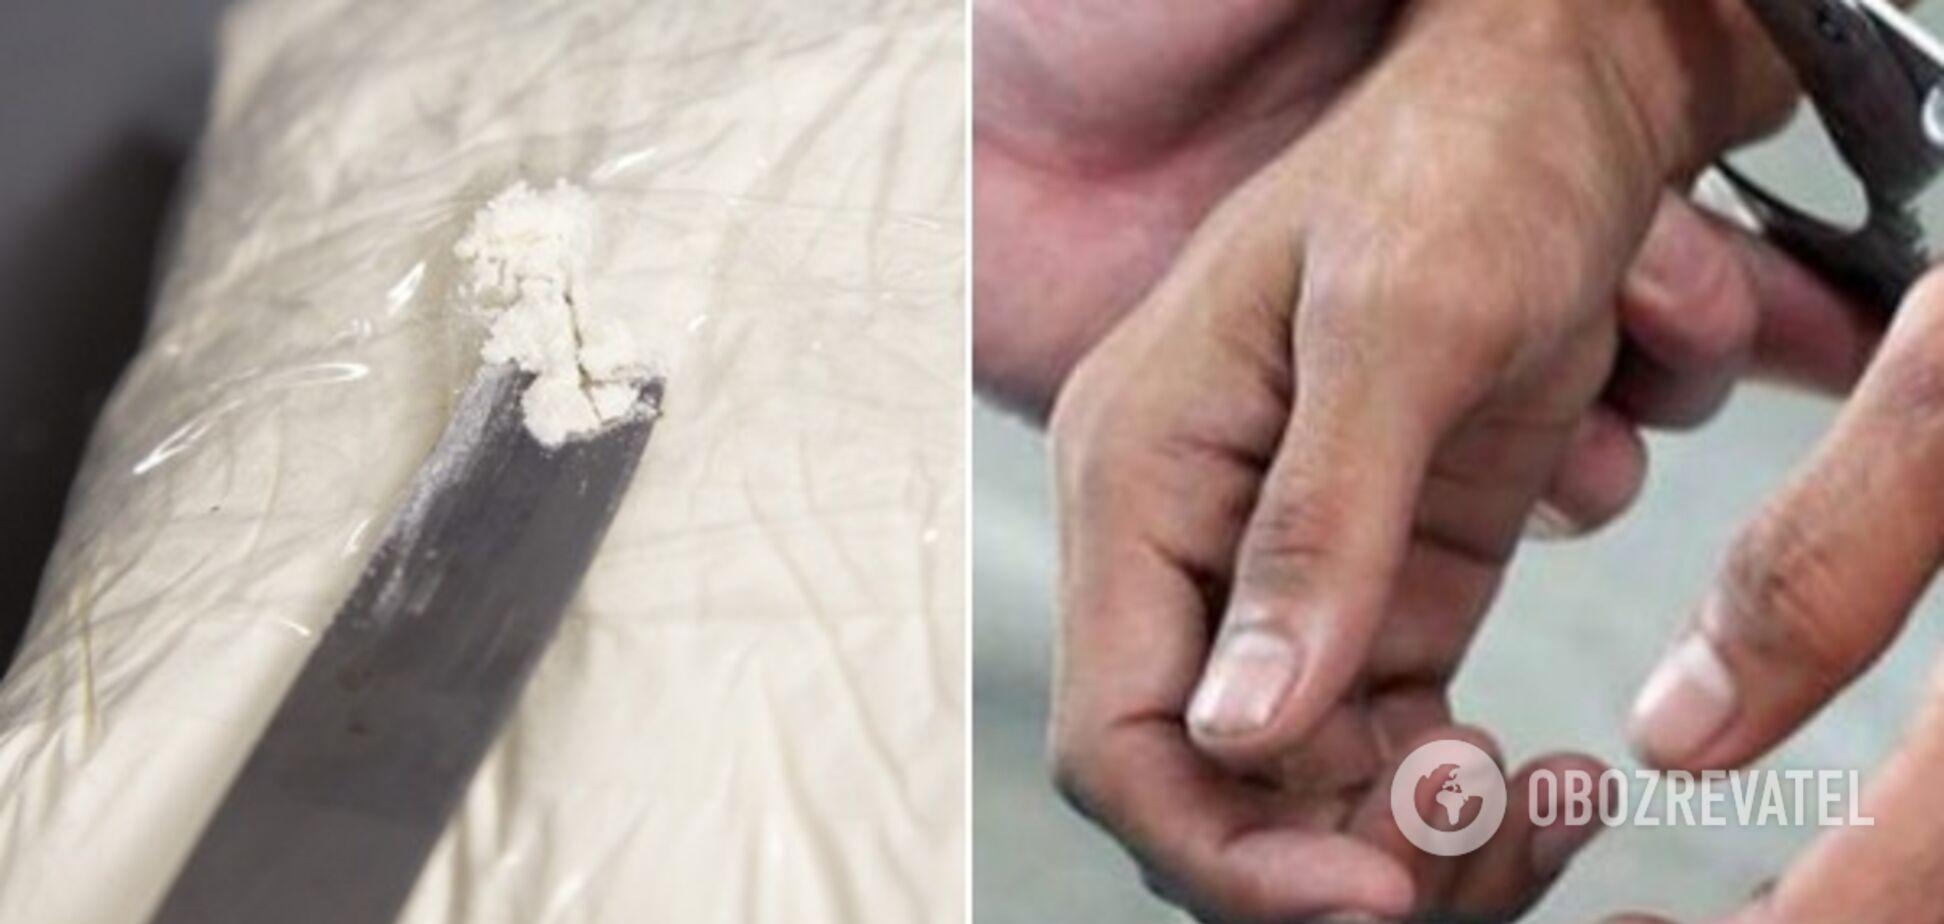 Віз наркотики на сотні тисяч: жителя Кривого Рогу спіймали на контрабанді